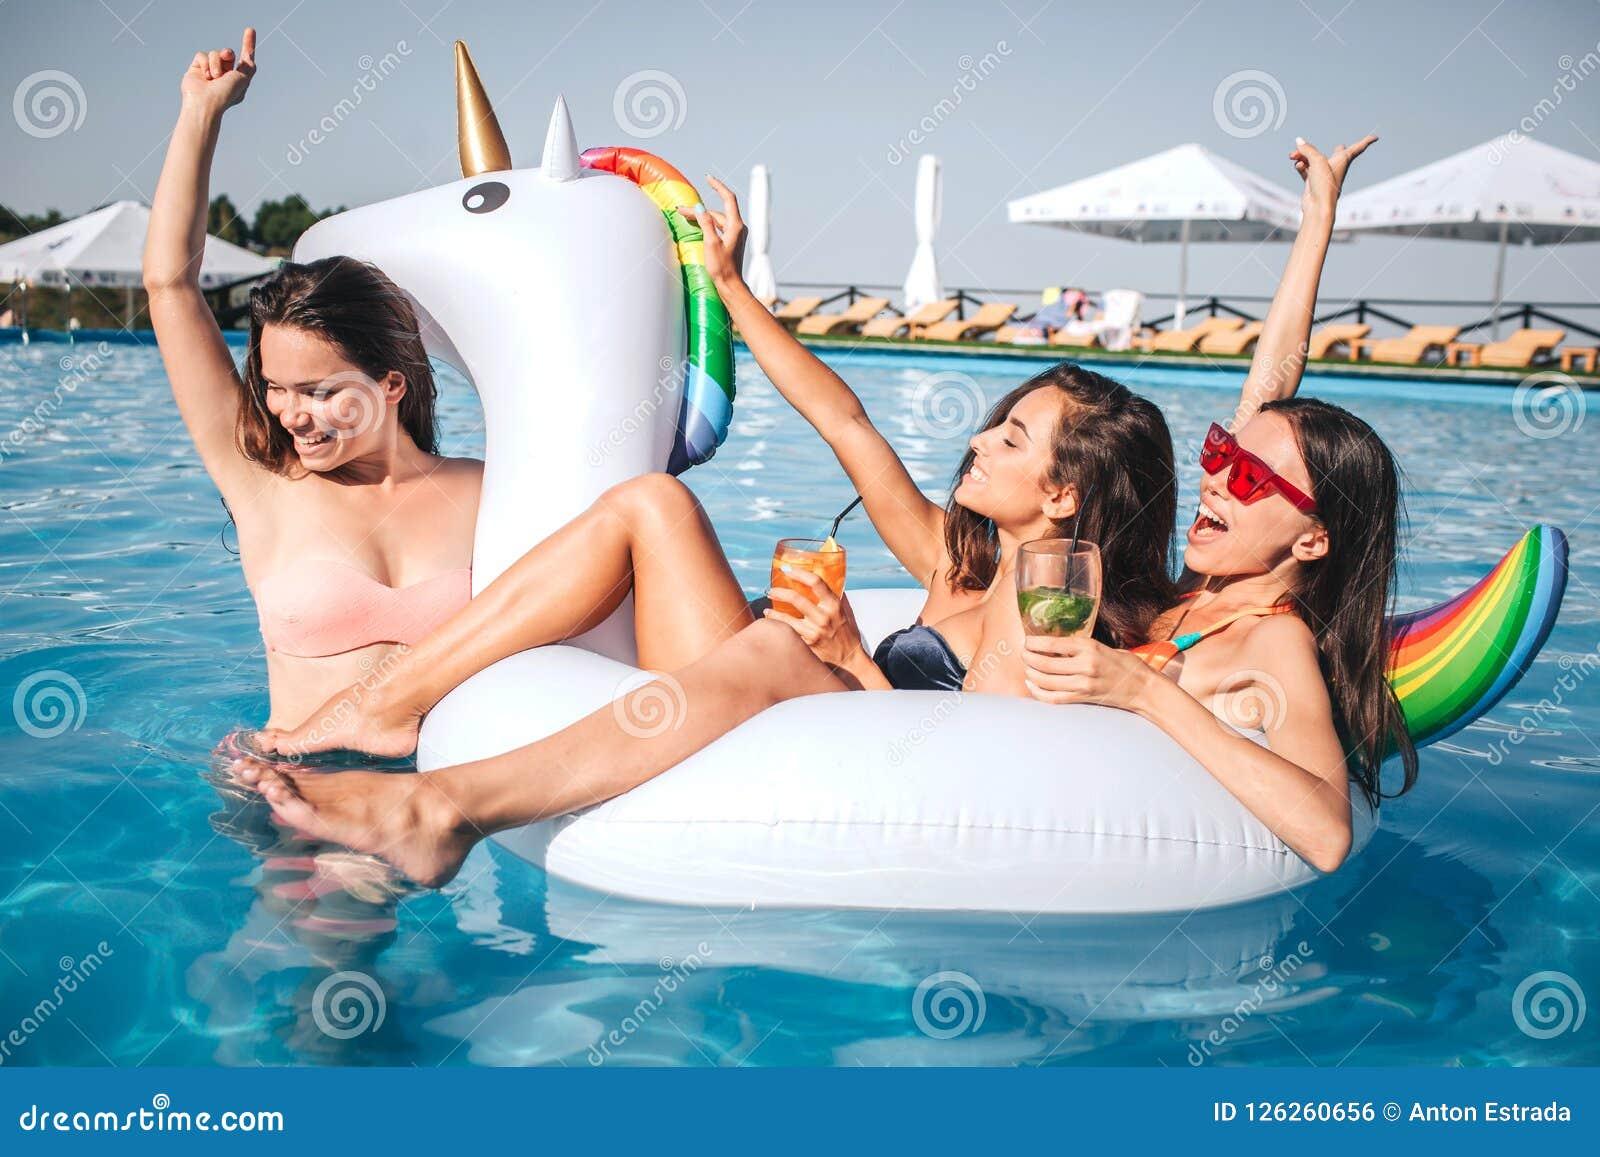 Três modelos lindos estão na piscina Dois deles sentam-se no flutuador dado forma unicórnio Thirl um guarda-o em seu pescoço e